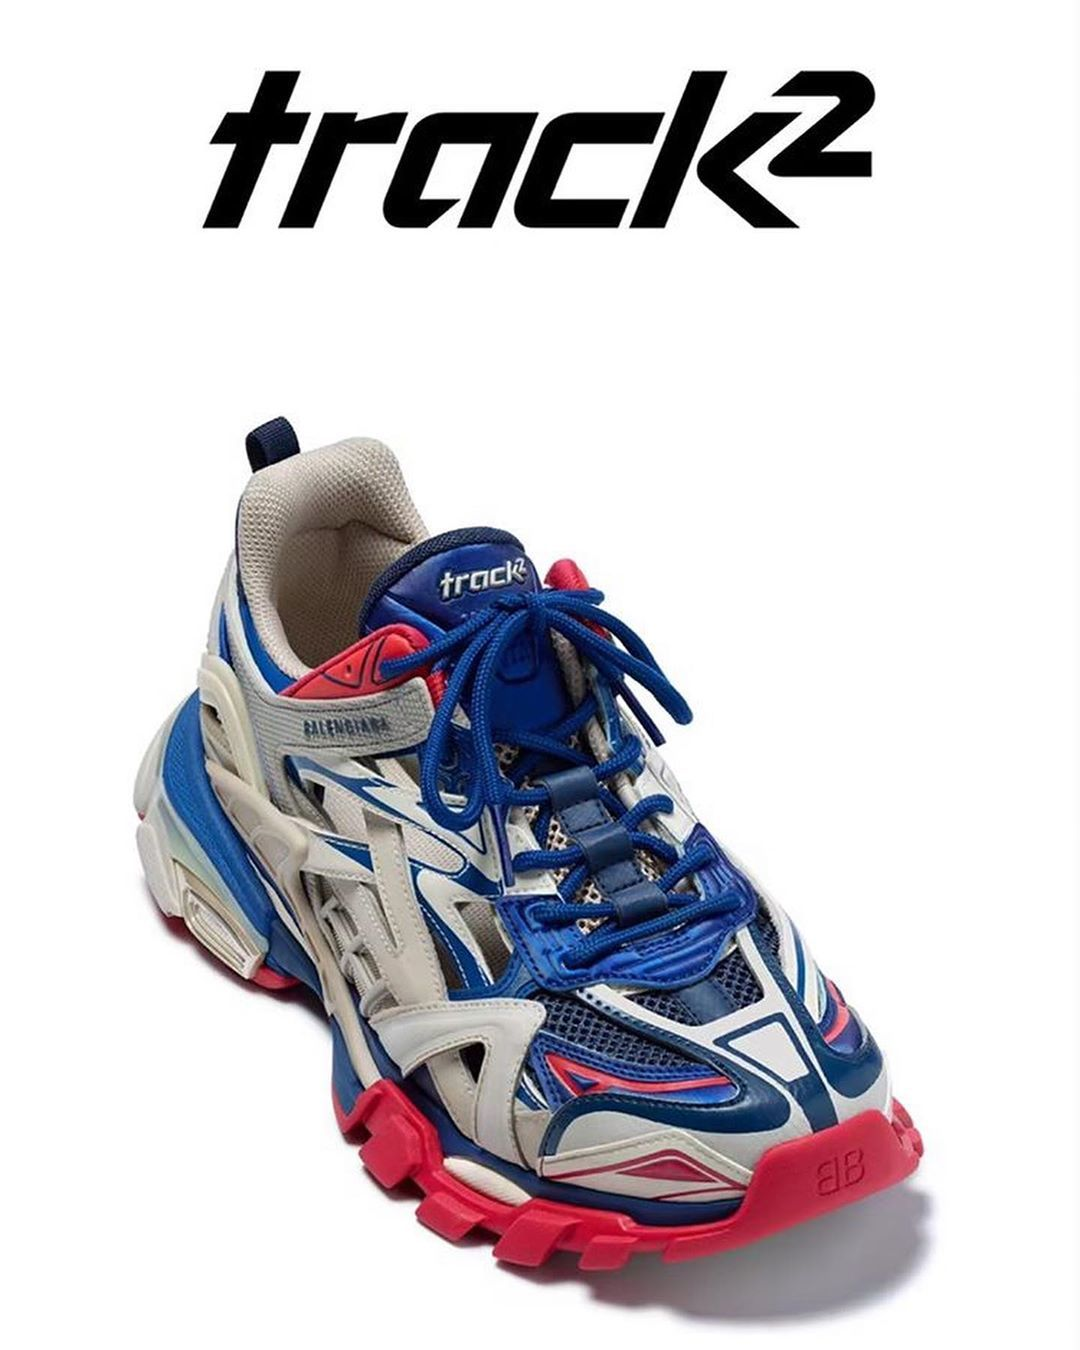 Detail Keren dari Sepatu Trainer Balenciaga Track.2!